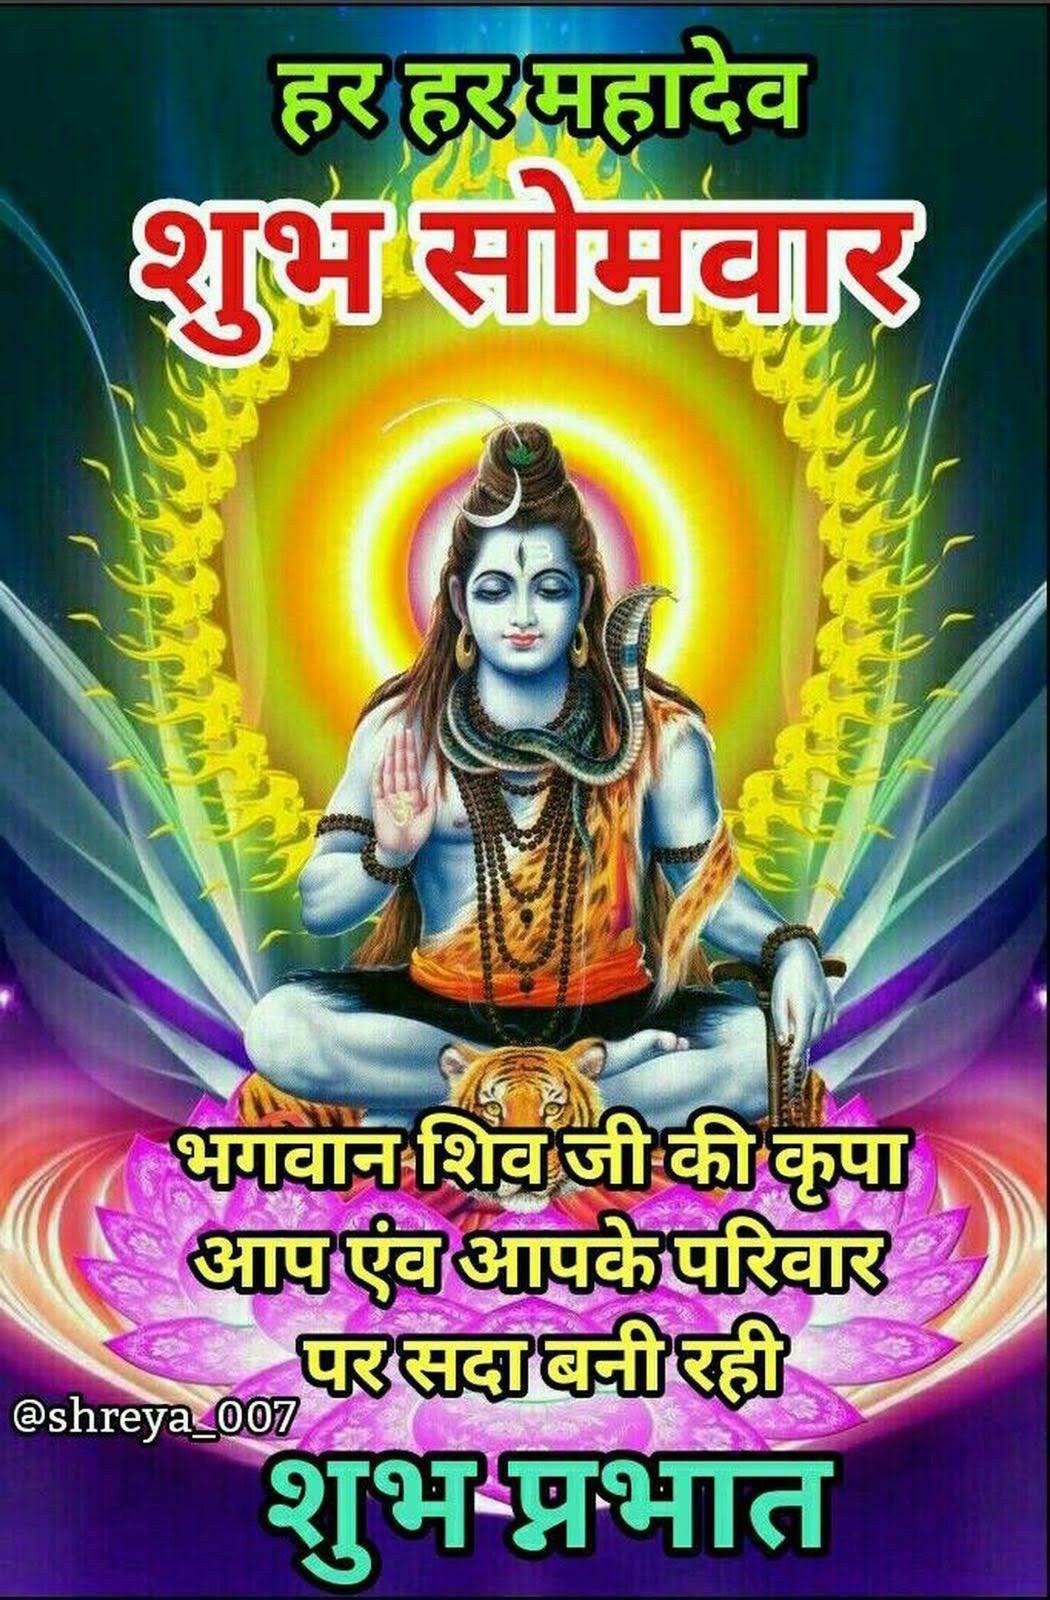 shubh somwar